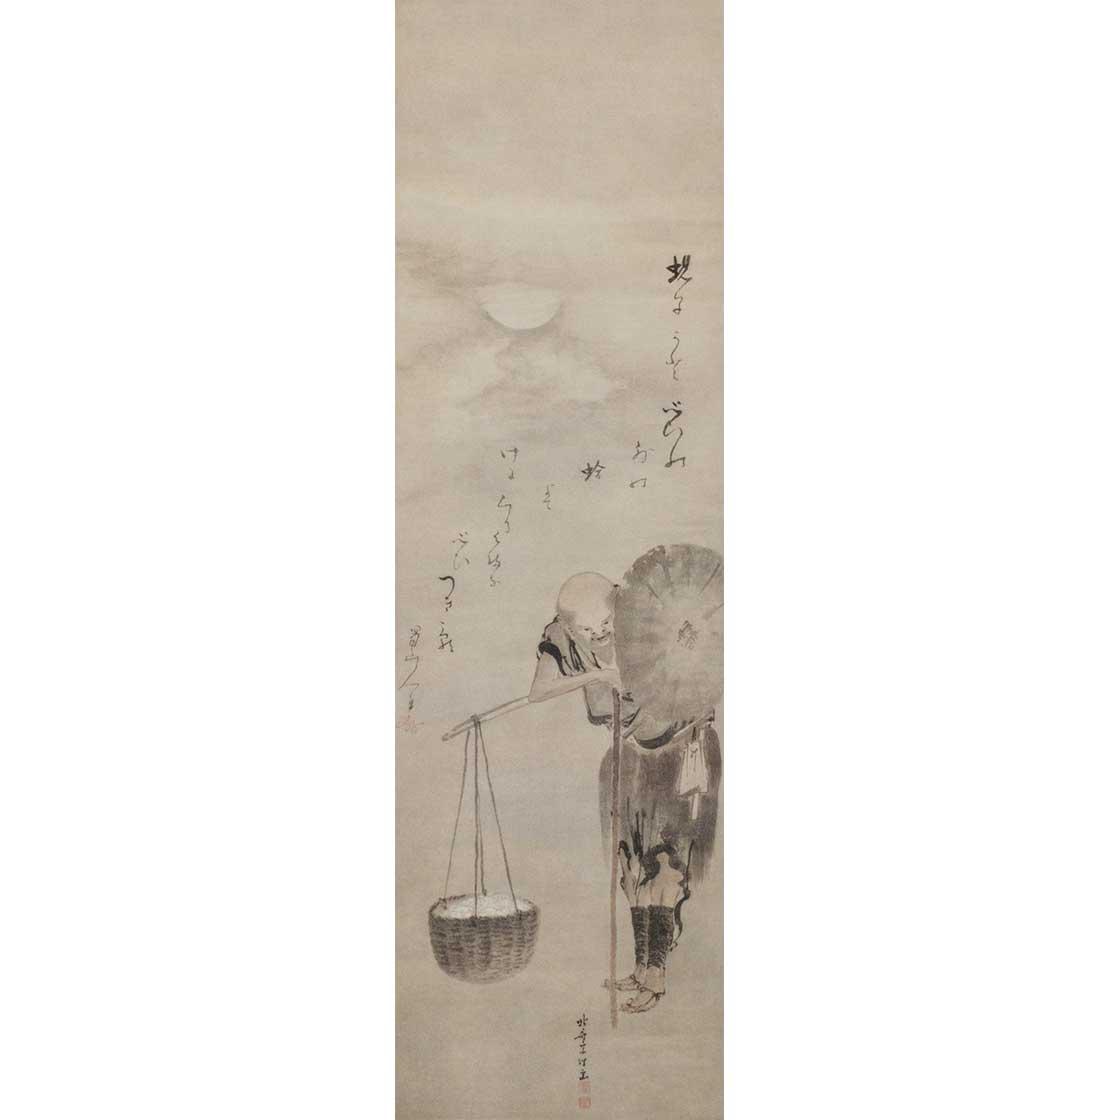 葛飾北斎「蛤売り図」(前期)